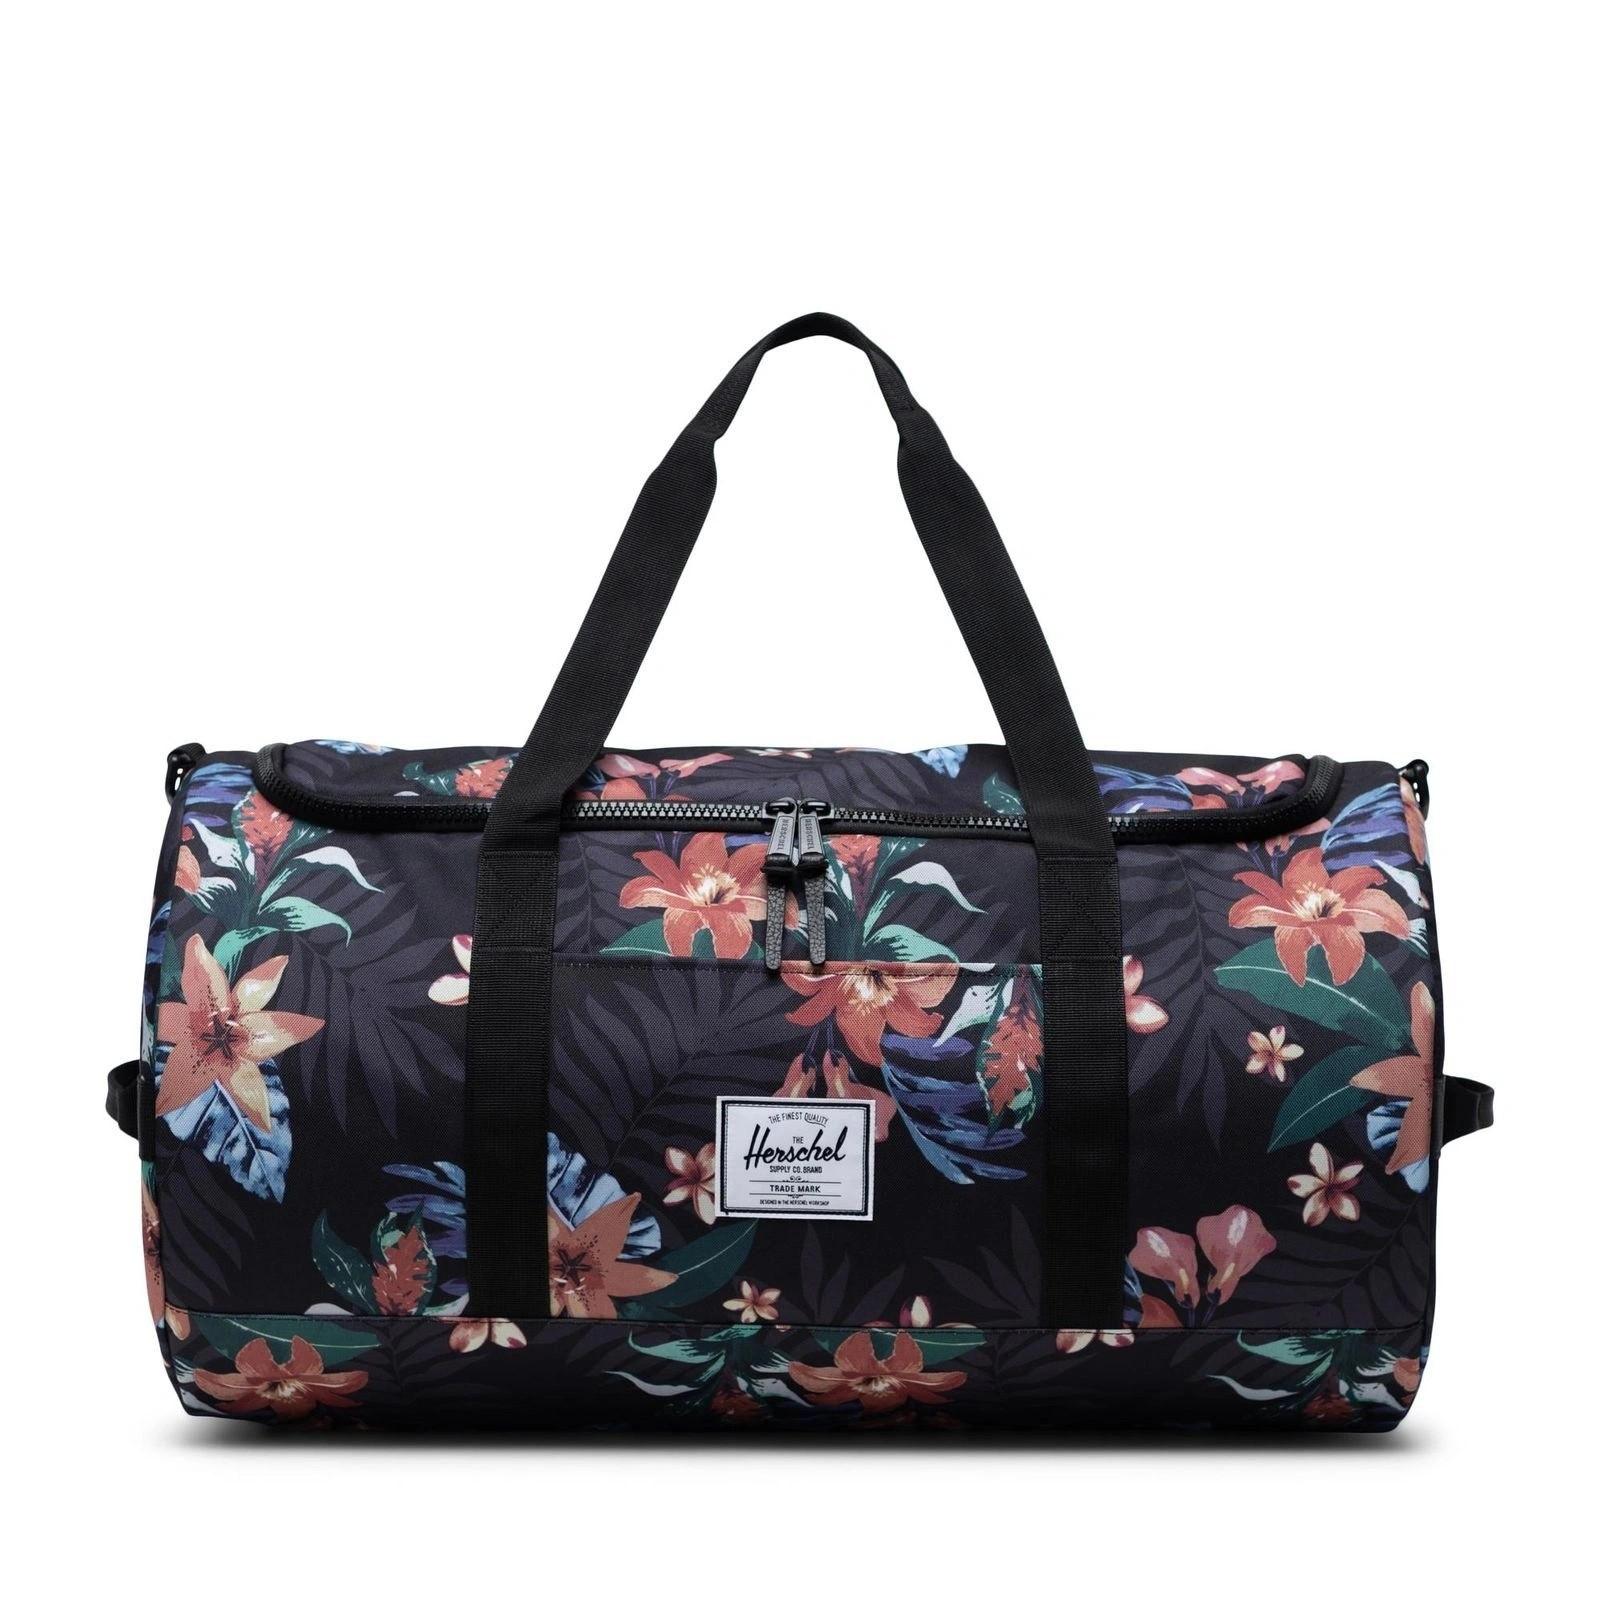 Herschel Sutton Summer Floral Black